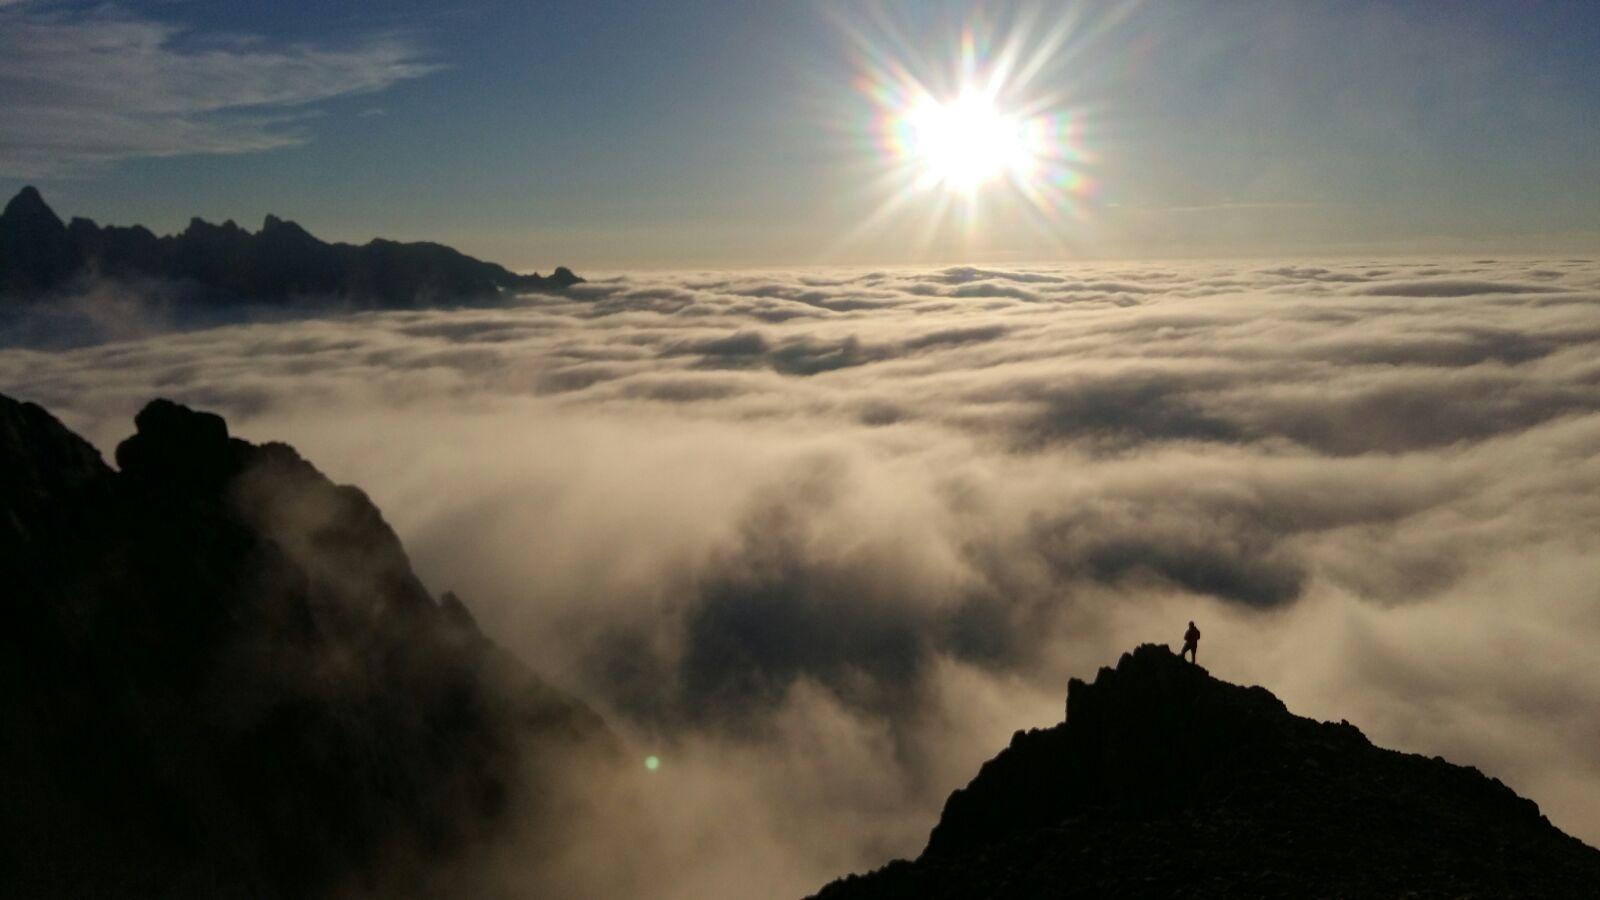 Un maravillosos atardecer desde la collada del agua, en el macizo occidental de los Picos de Europa